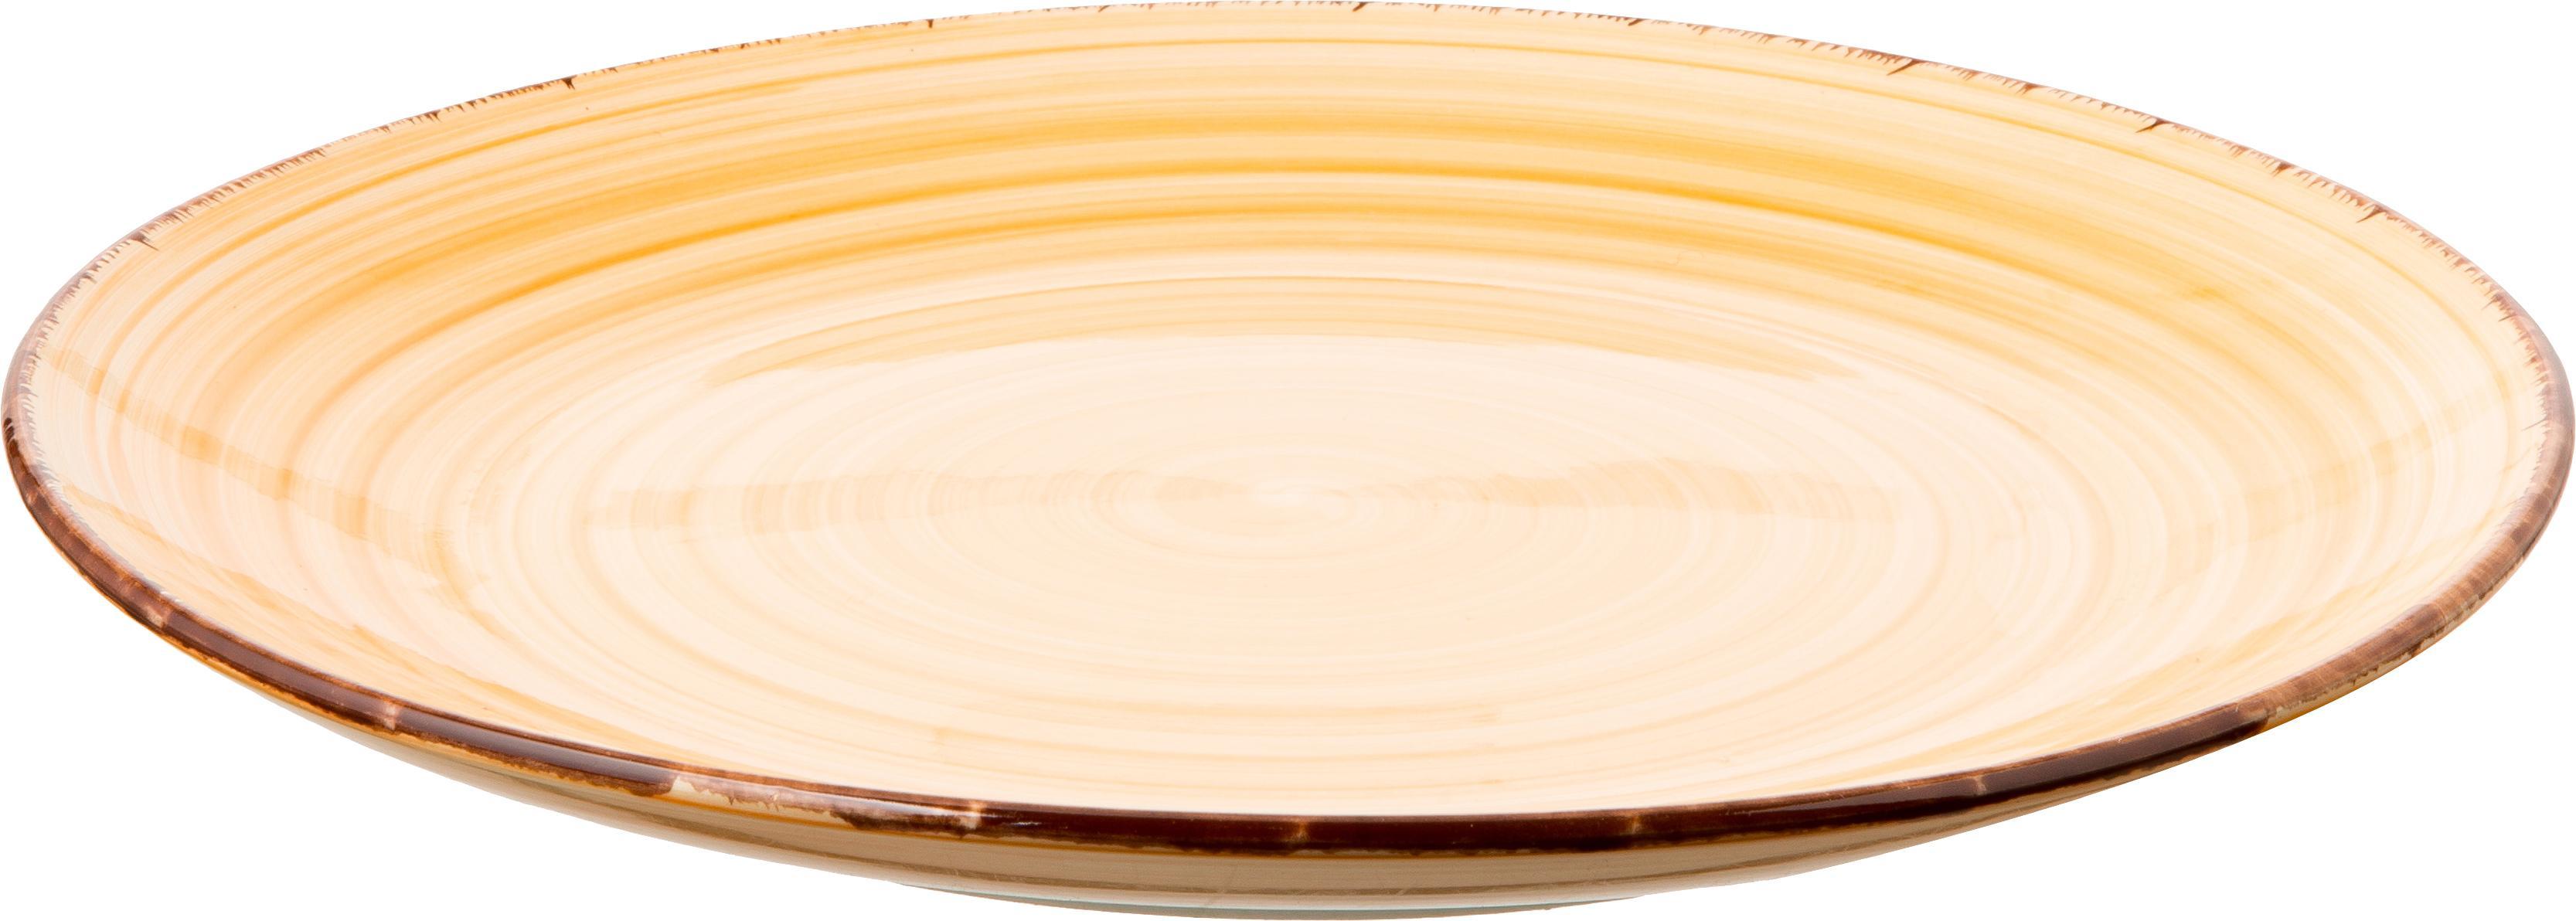 Handbemaltes Geschirr-Set Baita in Pastelltönen, 6 Personen (18-tlg.), Steingut (Dolomitstein), handbemalt, Pastelltöne, Sondergrößen